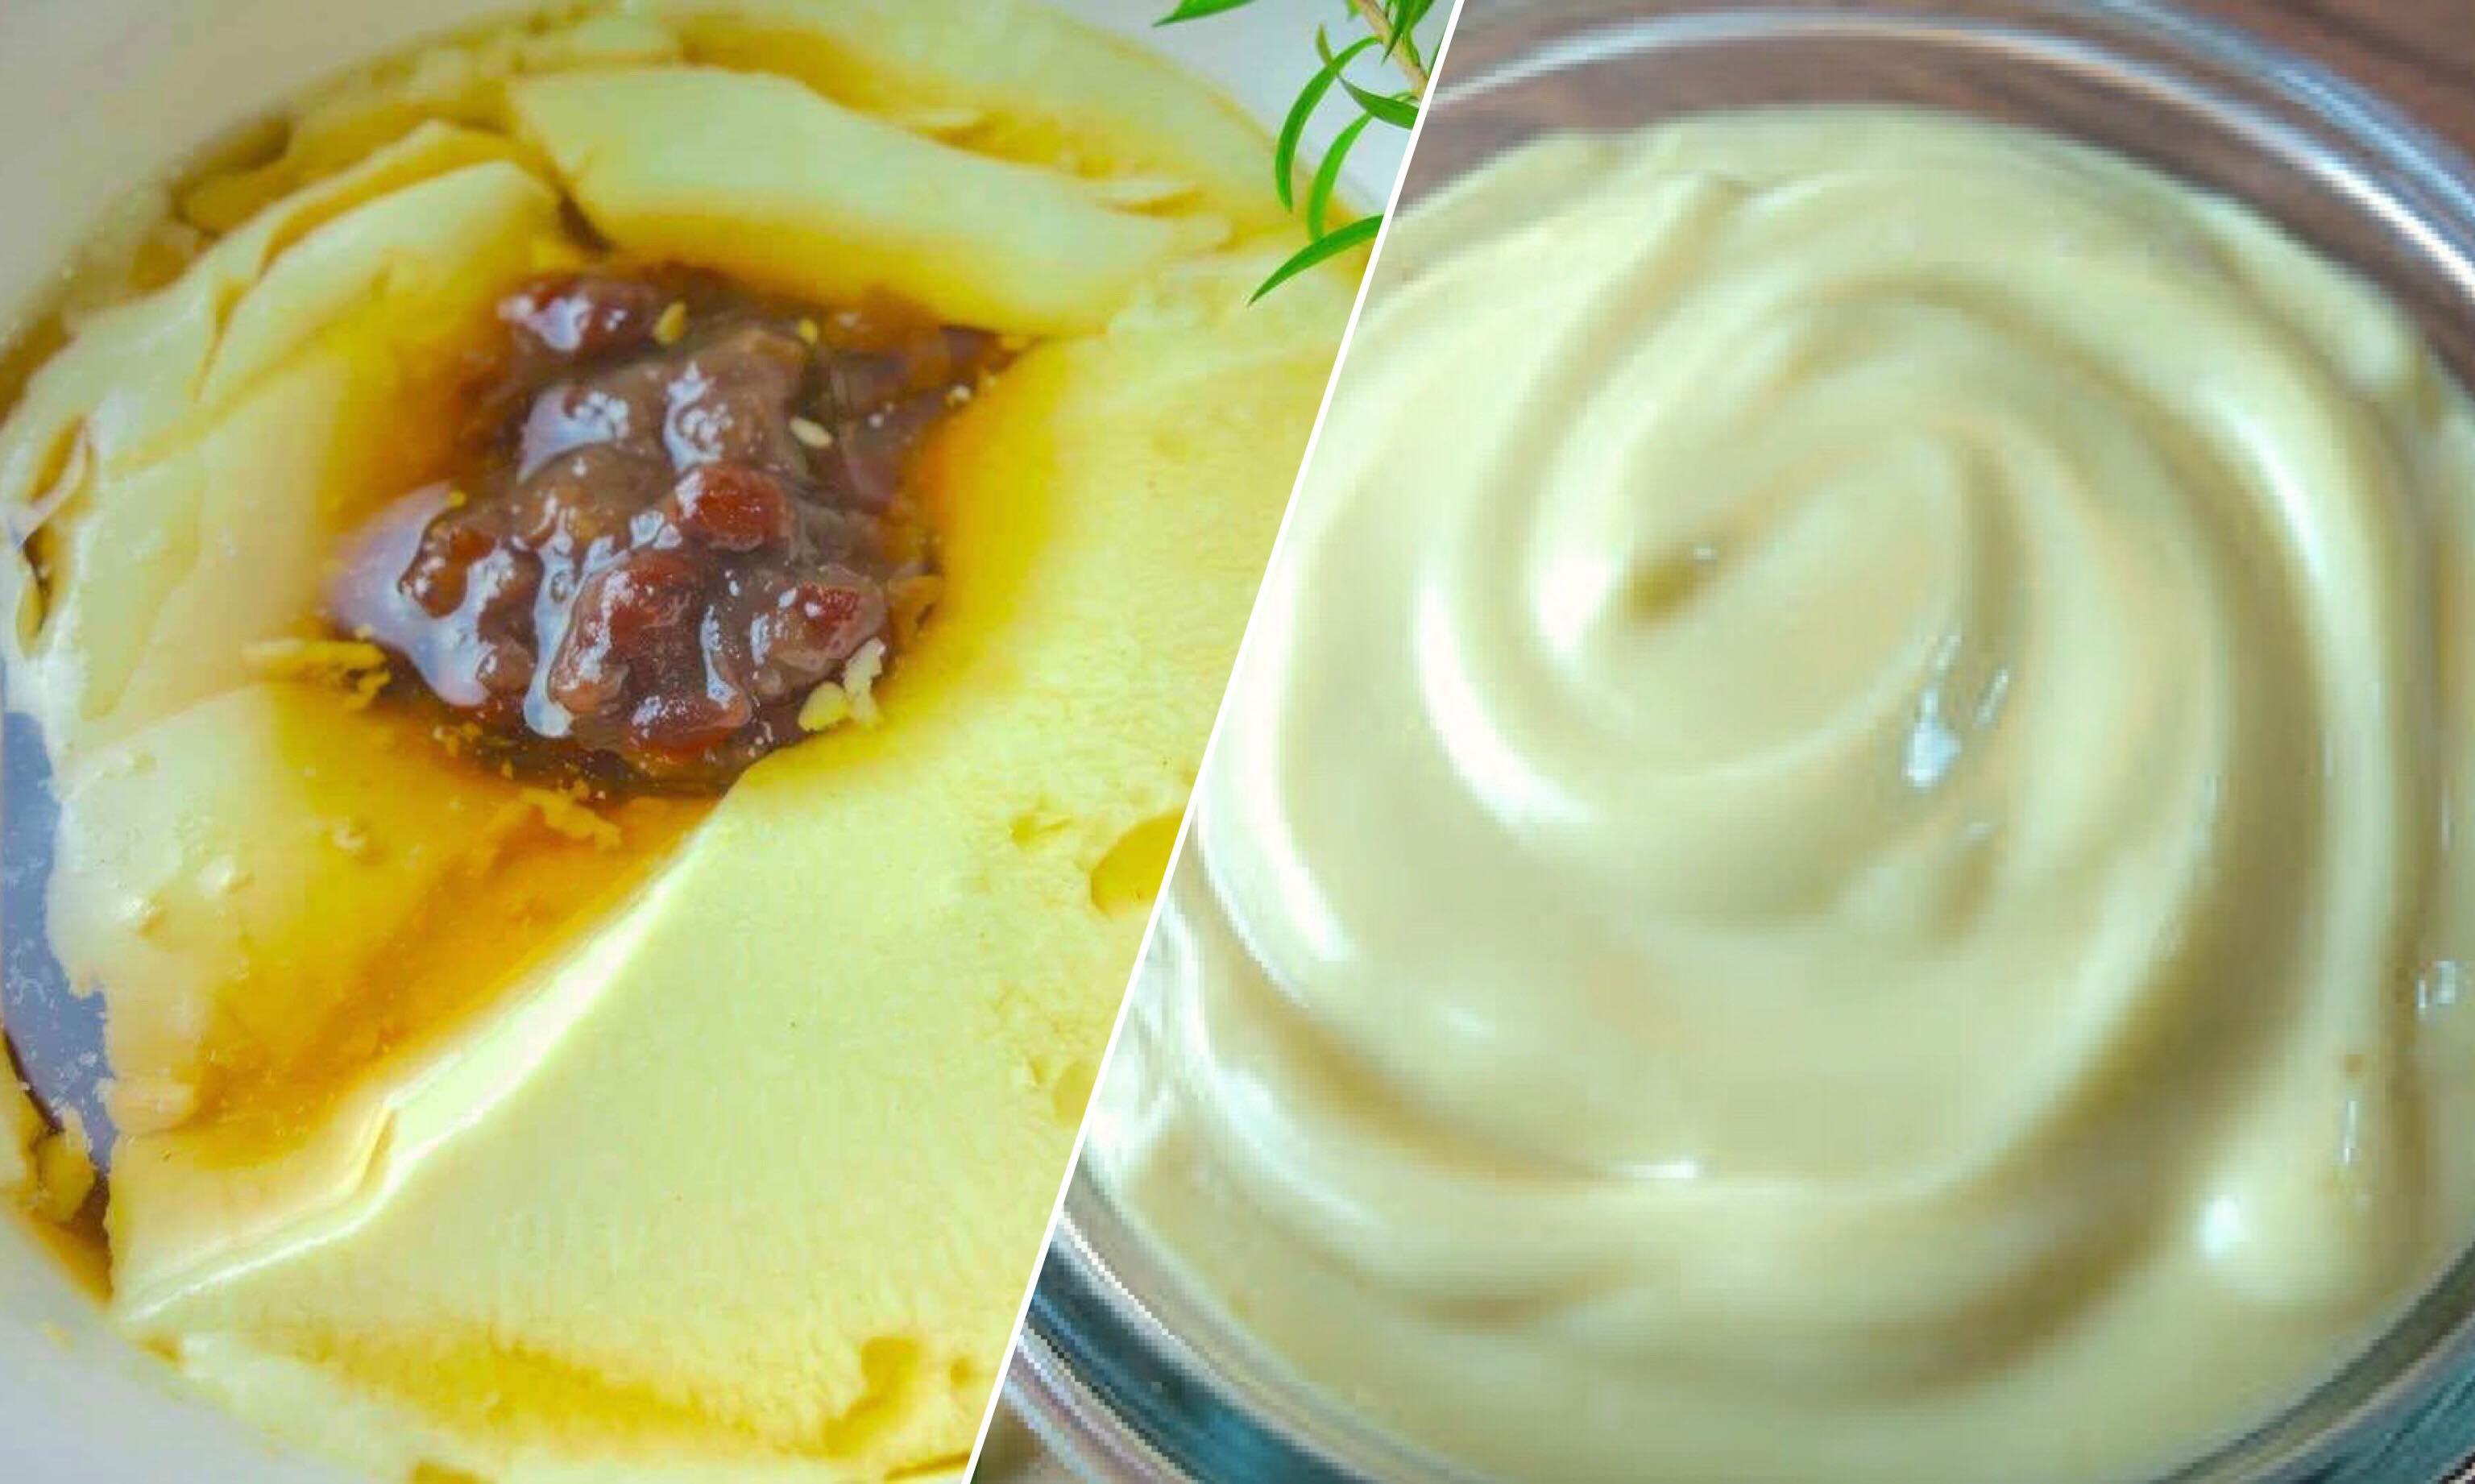 教你用「電鍋煮的濃郁豆漿」做三道料理:豆花、嫩豆腐、沙拉醬